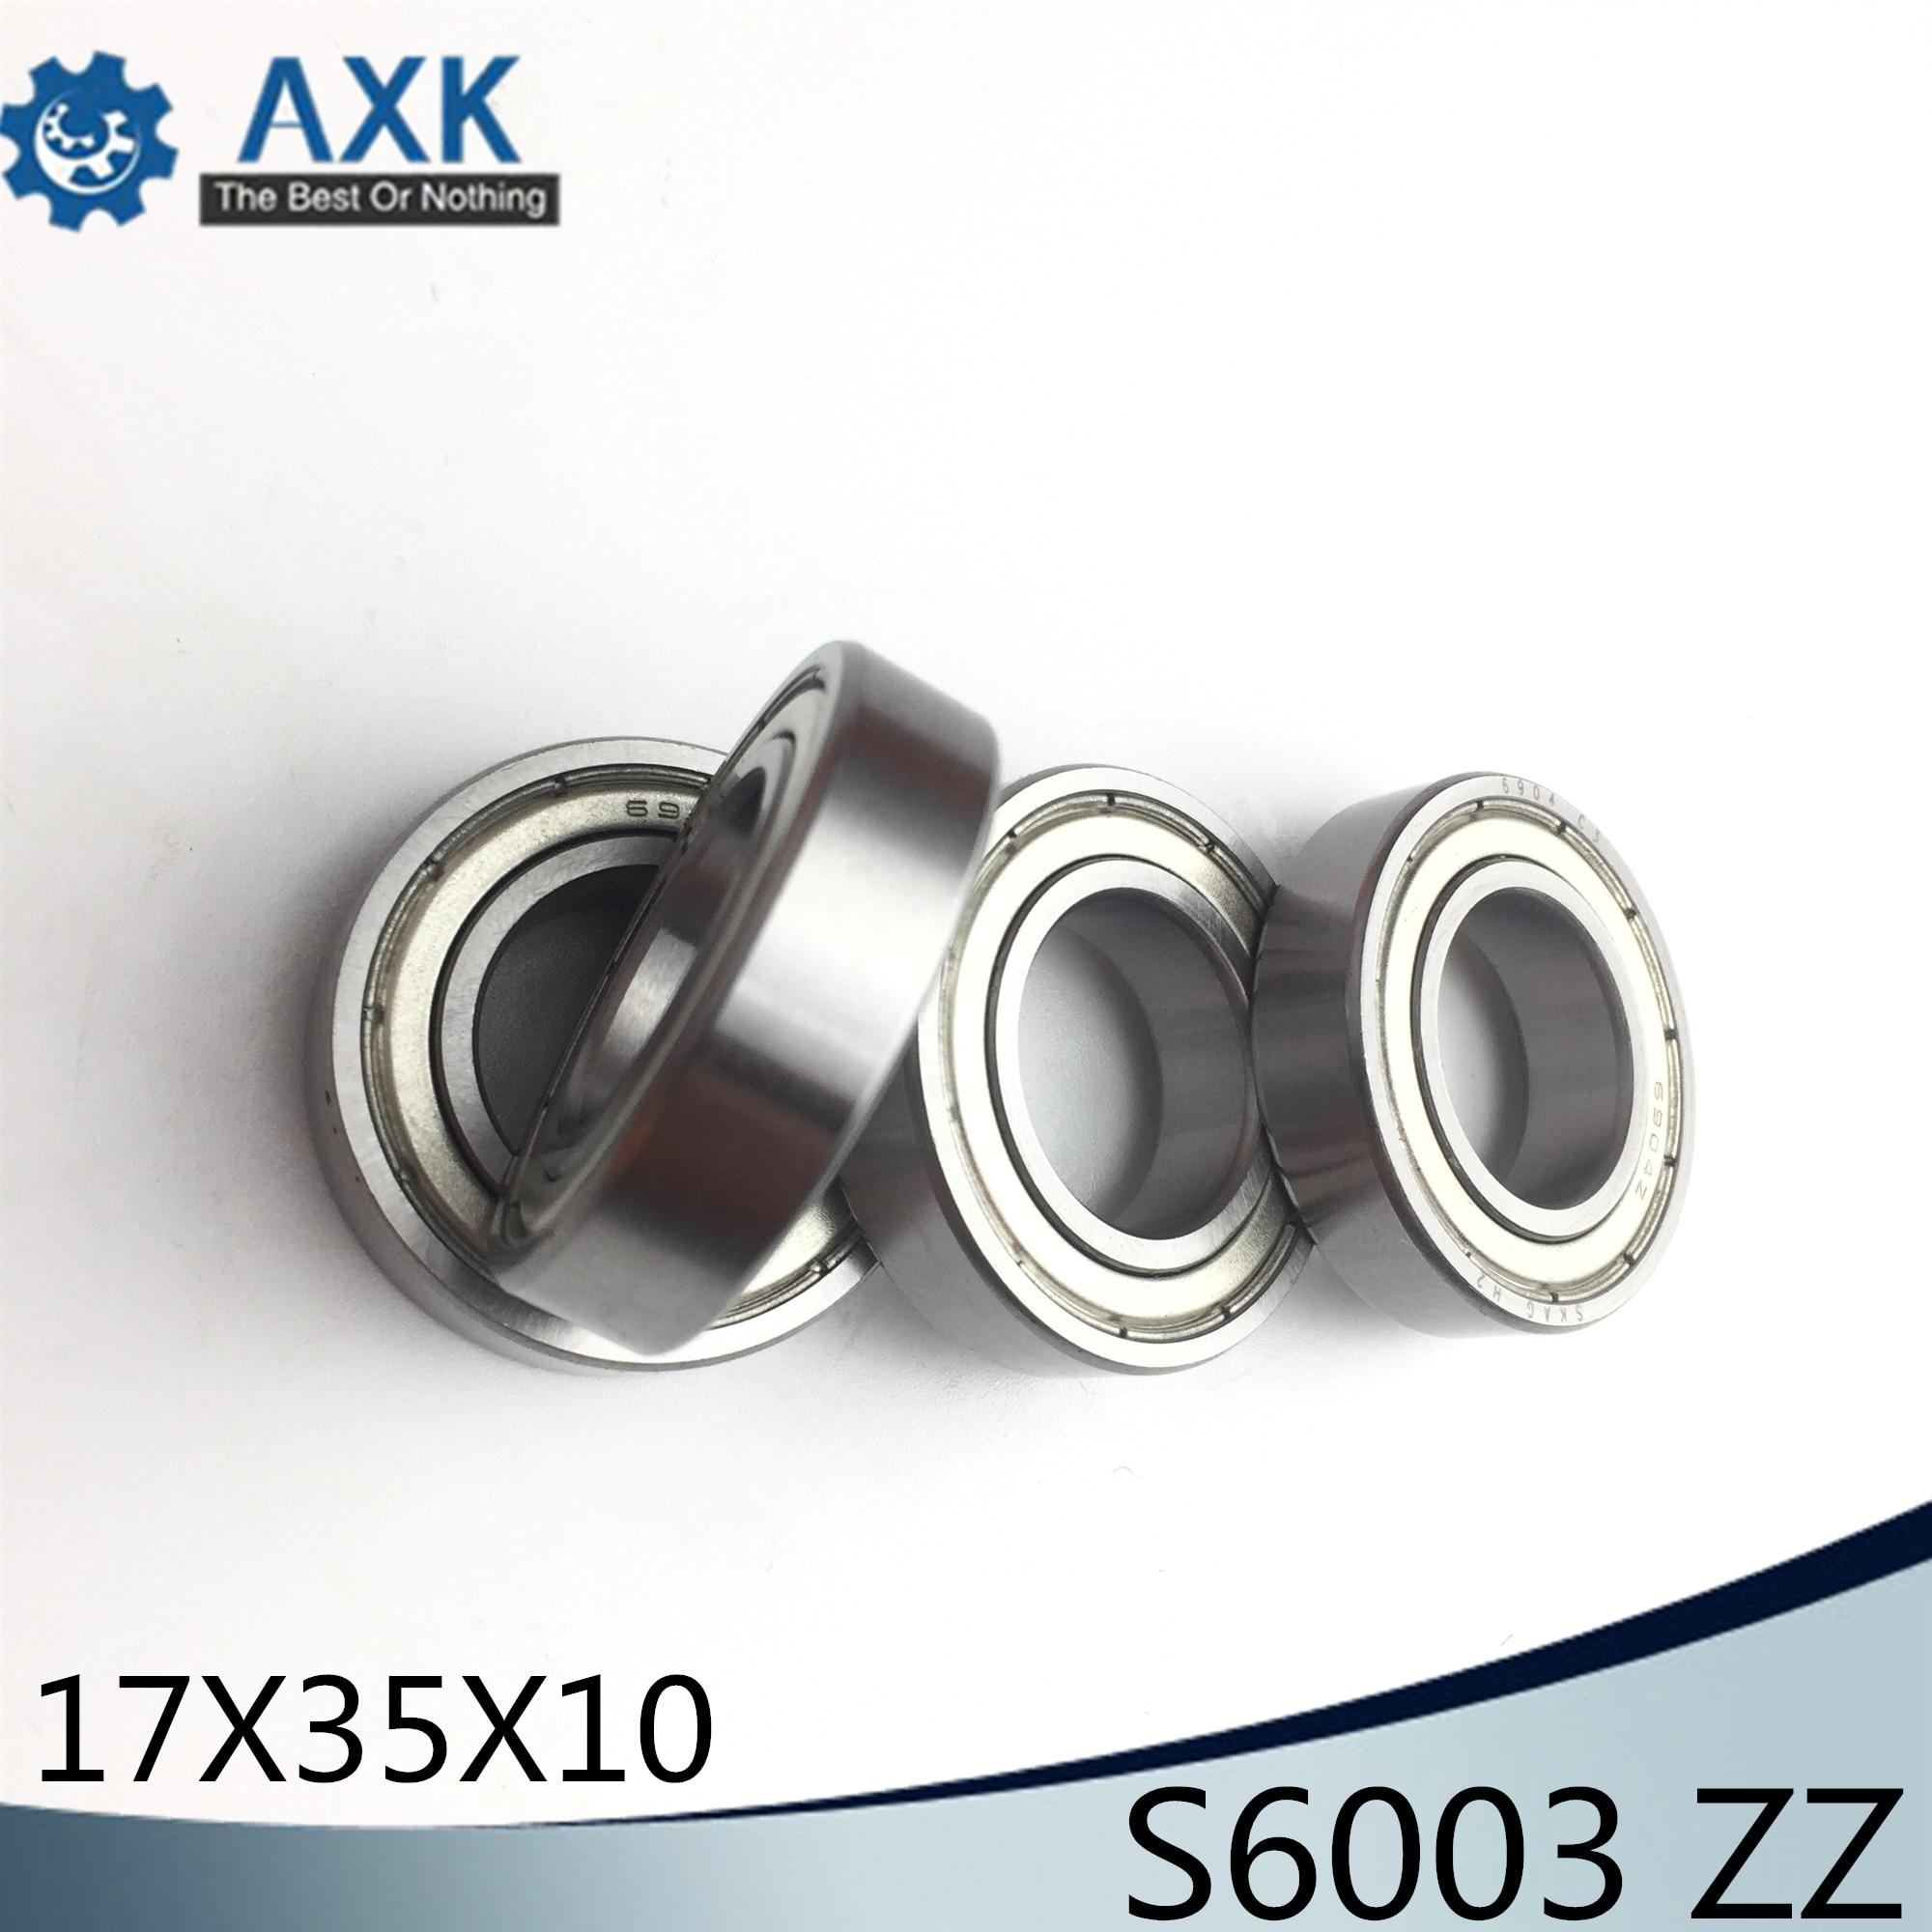 S6003ZZ Bearing 17*35*10 mm ( 10PCS ) ABEC-1 S6003 Z ZZ S 6003 440C Stainless Steel S6003Z Ball BearingsS6003ZZ Bearing 17*35*10 mm ( 10PCS ) ABEC-1 S6003 Z ZZ S 6003 440C Stainless Steel S6003Z Ball Bearings